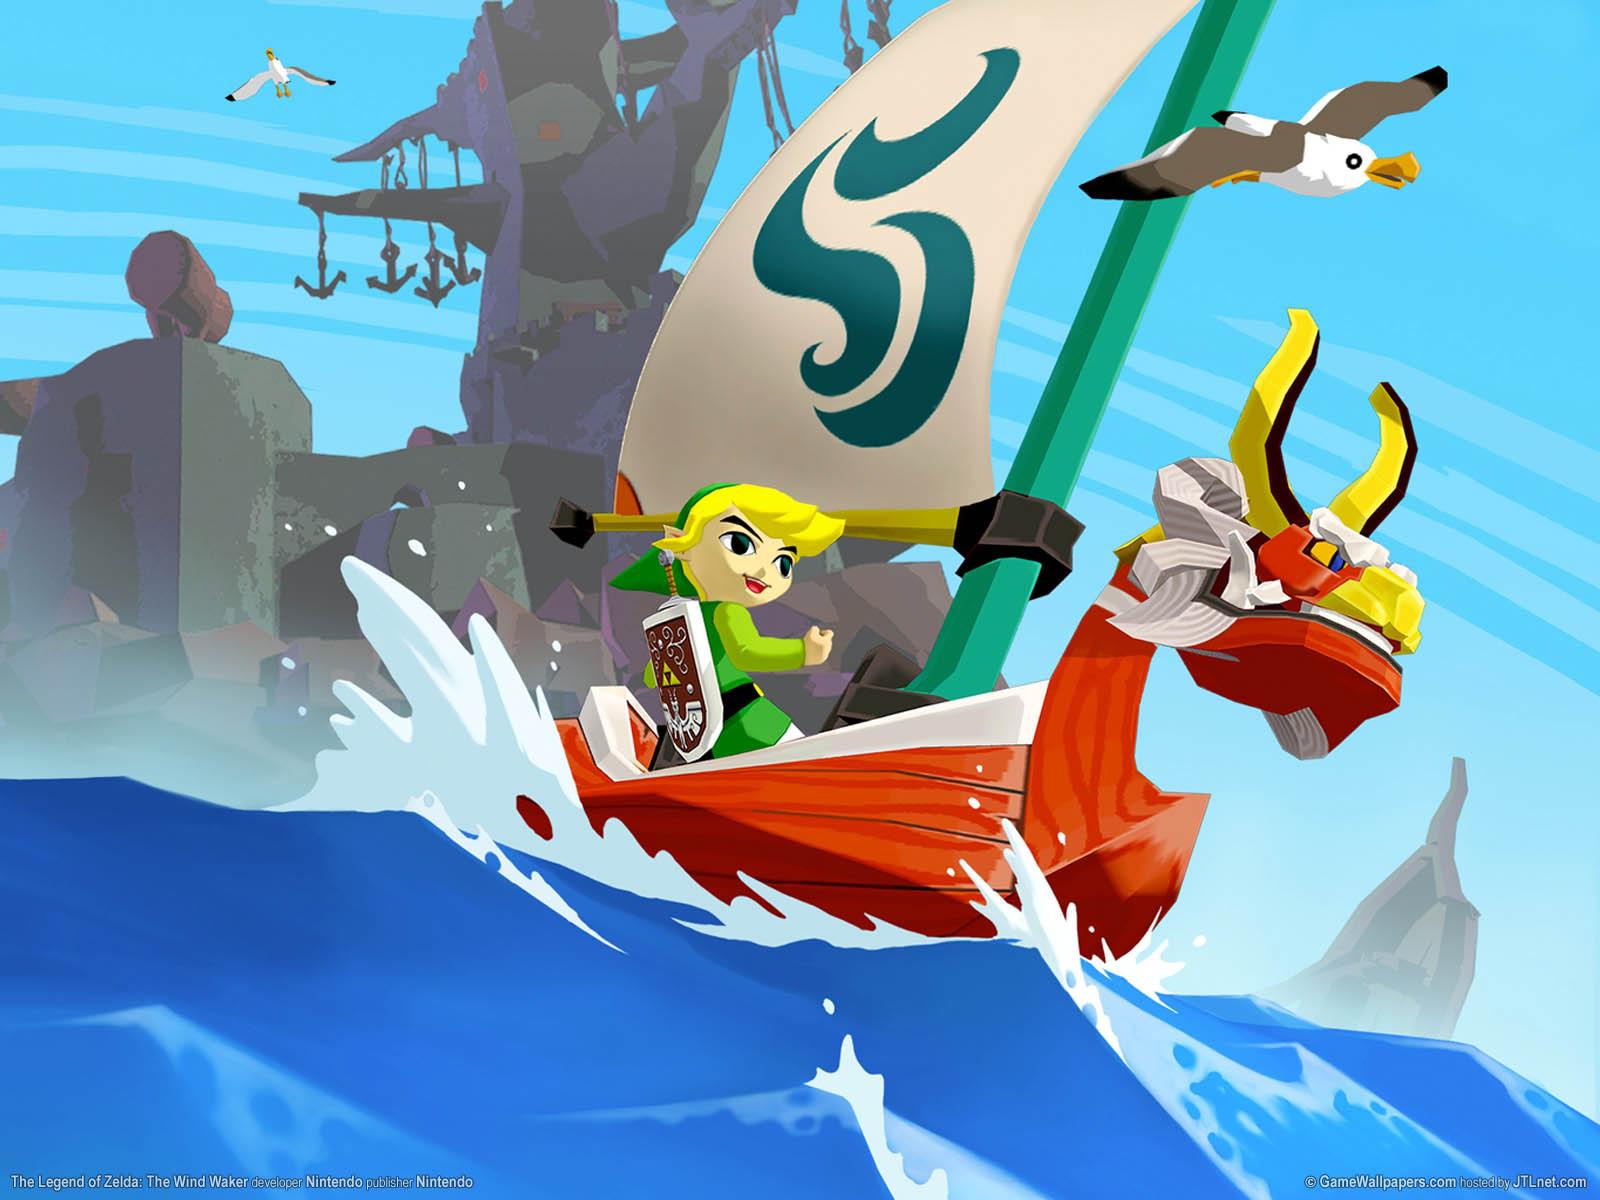 The Legend of Zelda: The Wind Waker wallpaper 01 1600x1200